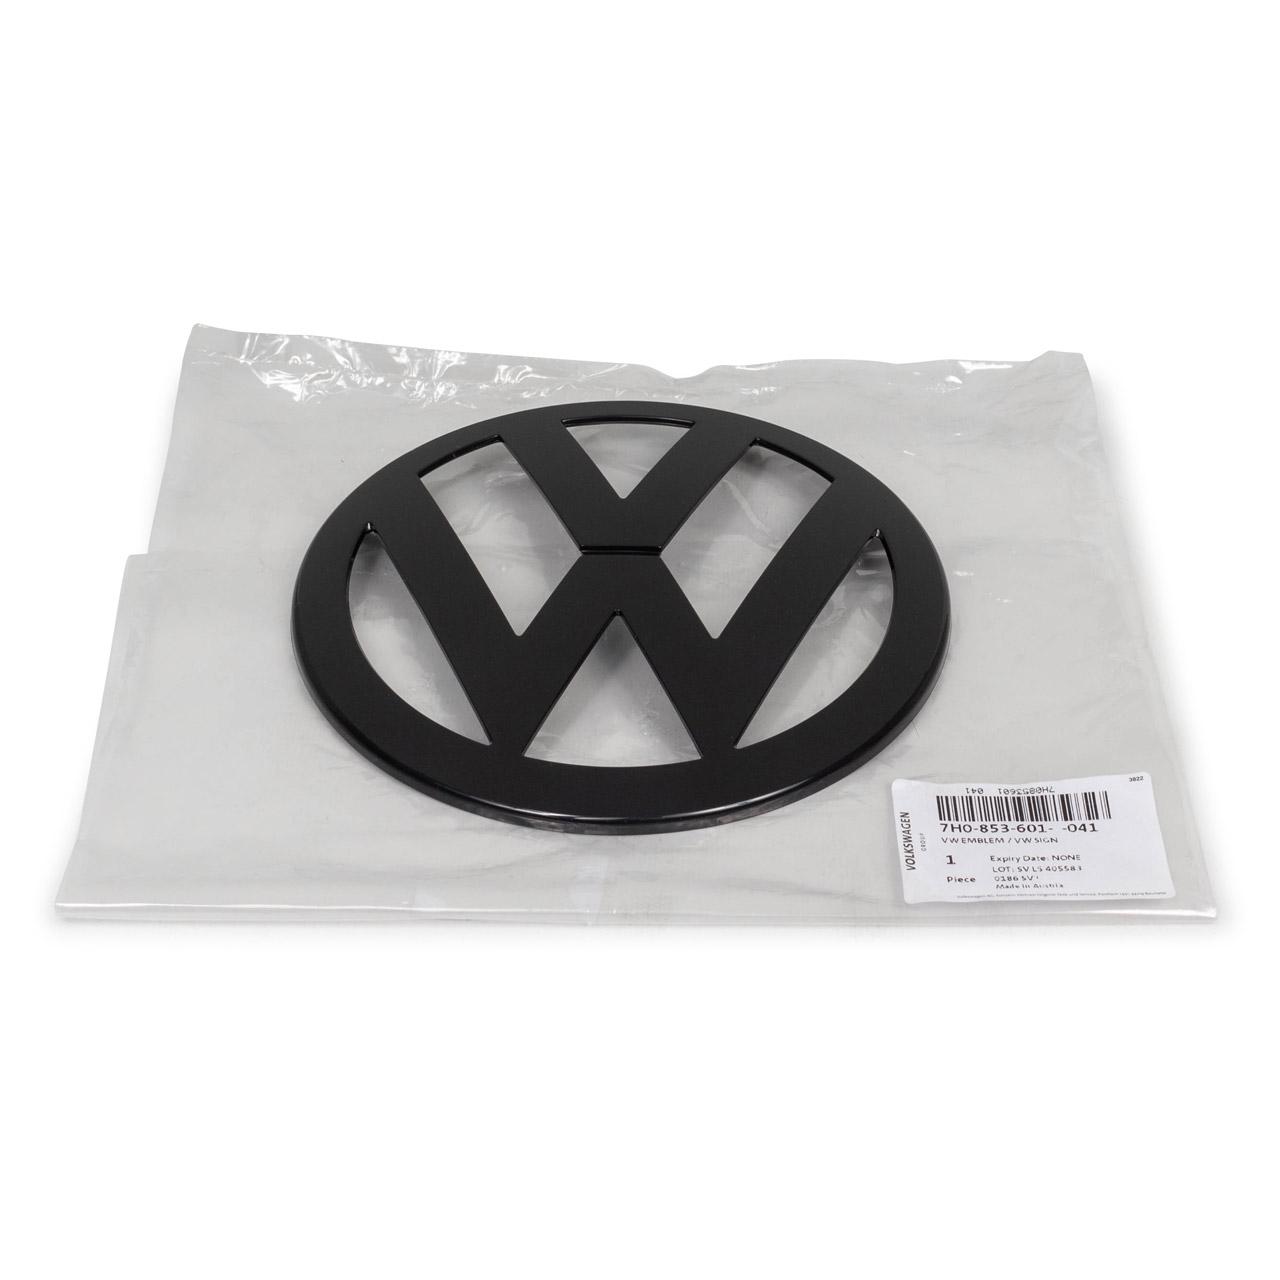 ORIGINAL VW Emblem Logo Symbol Kühlergrill Schwarz T5 bis 2010 7H0853601 041